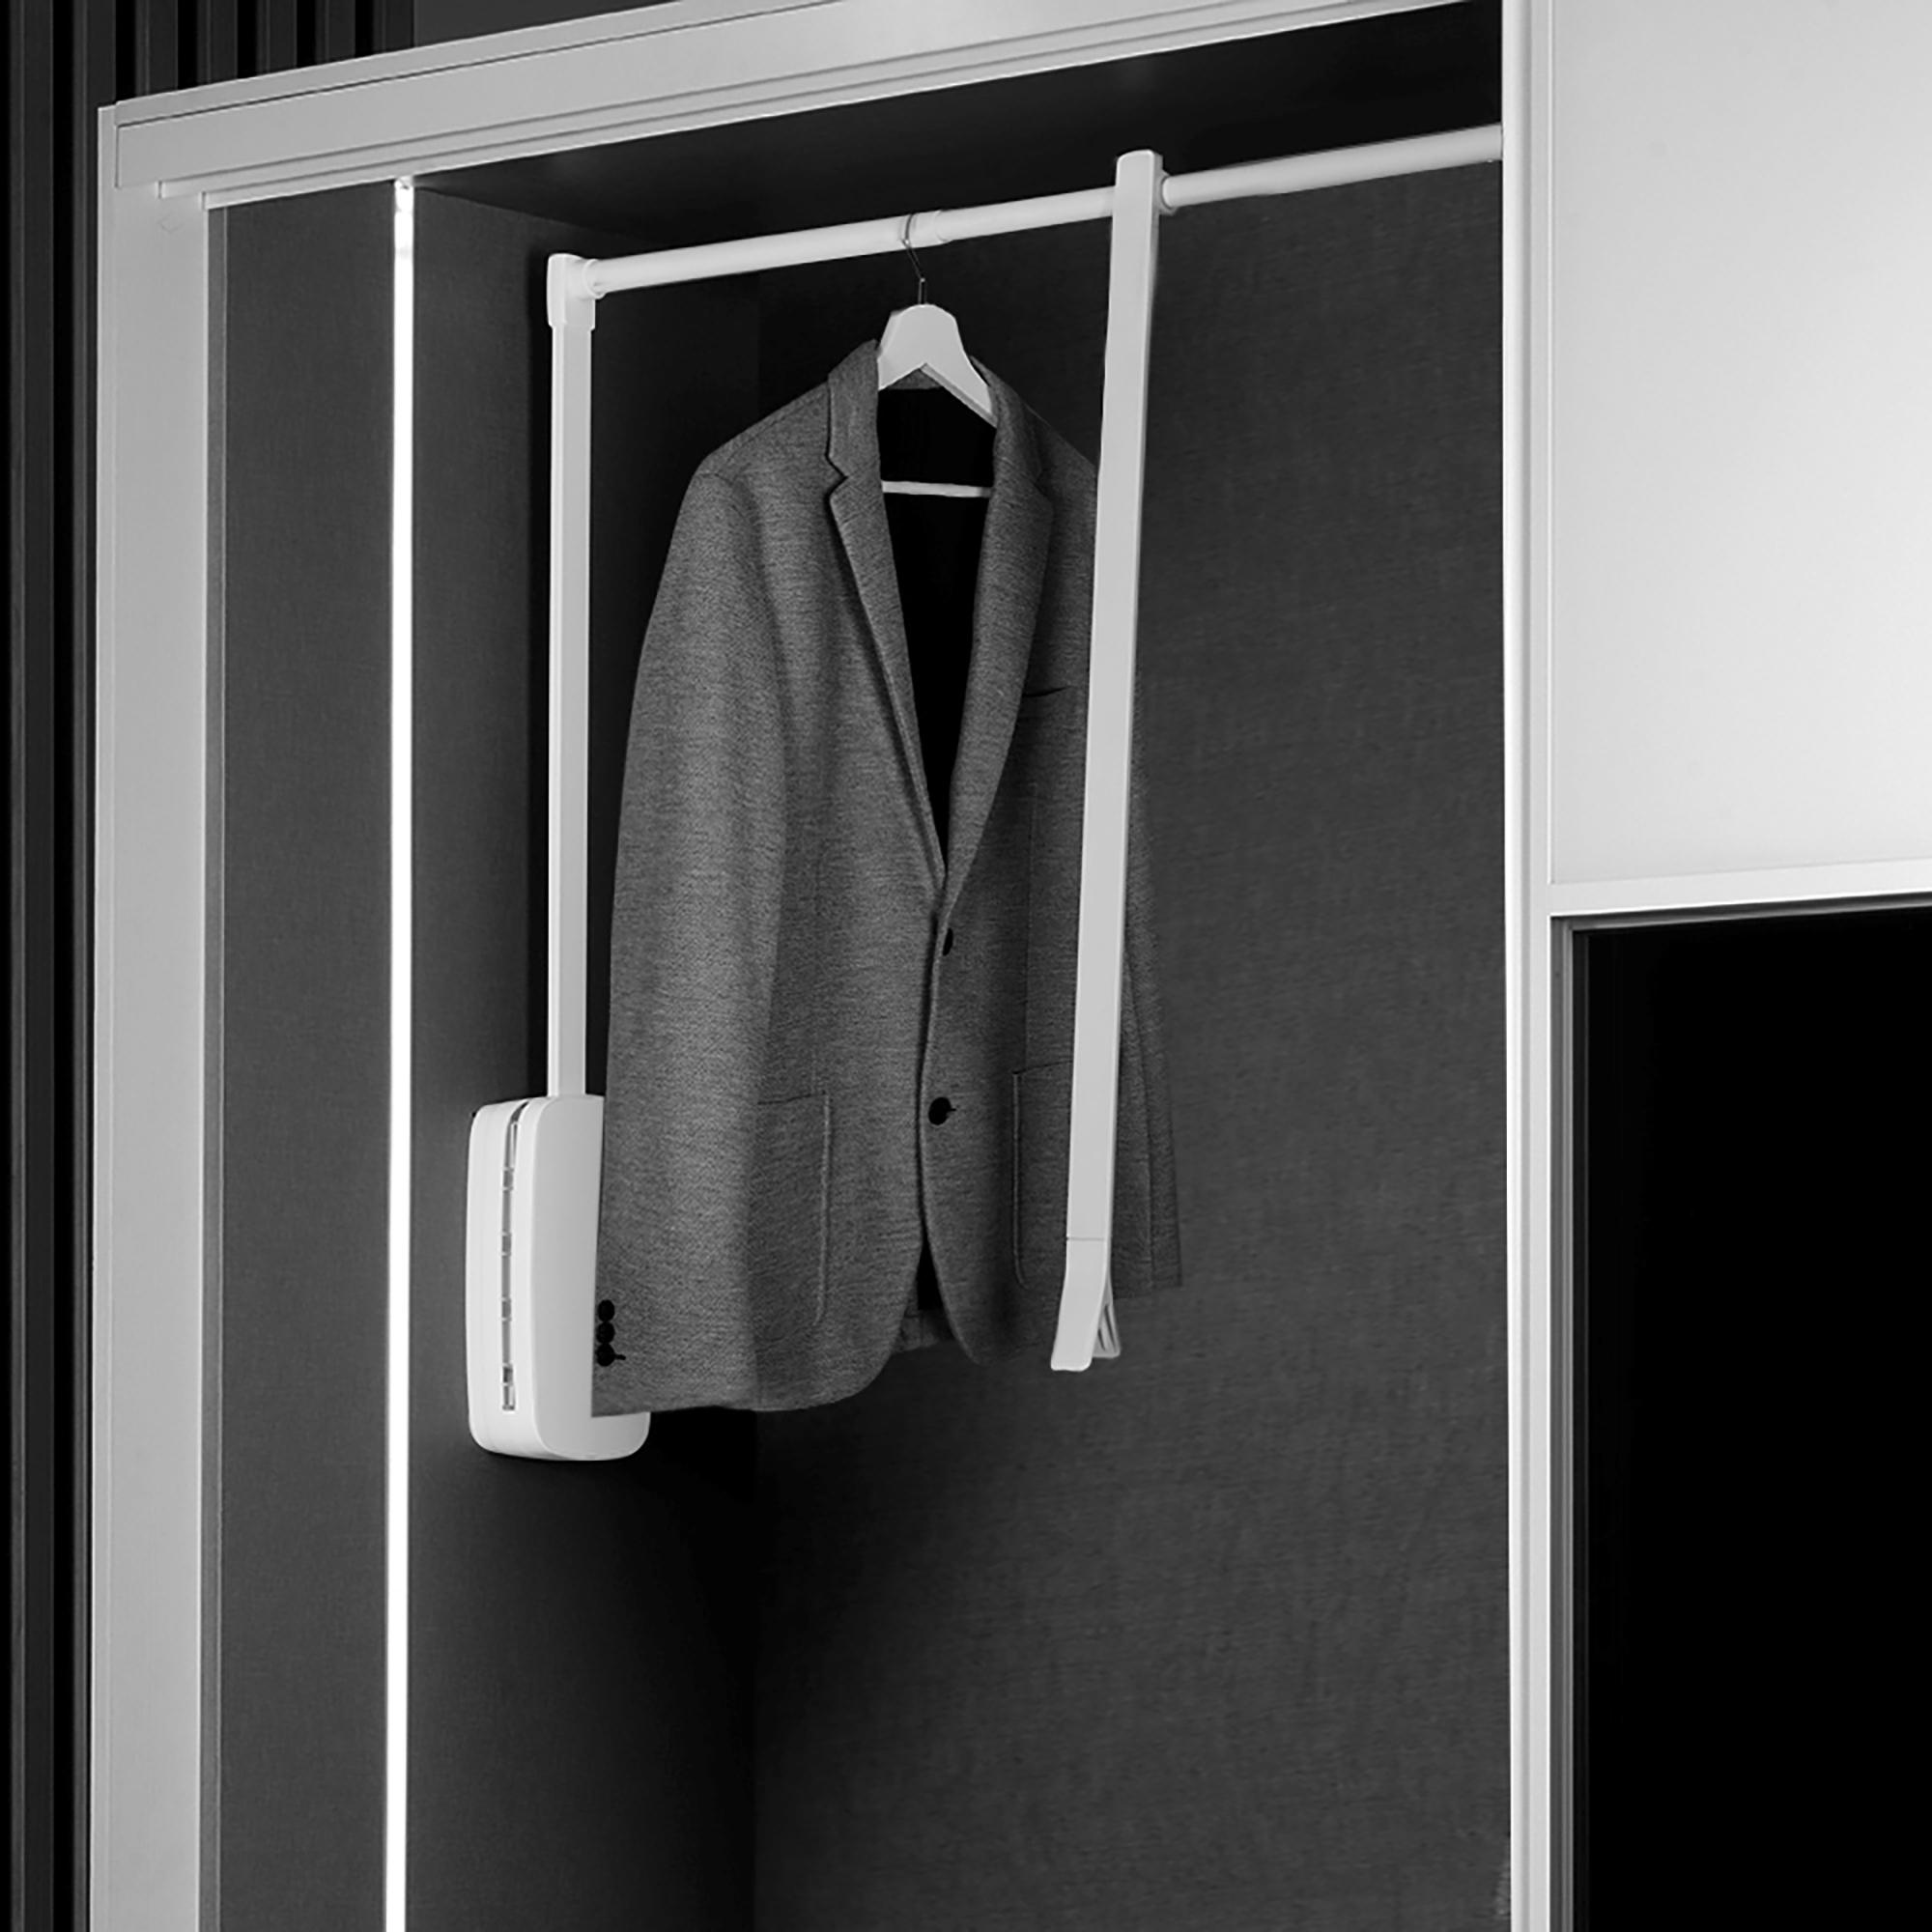 Emuca Appendiabiti per armadio, regolabile 600-830 mm, fino a 12Kg, Acciaio, Bianco